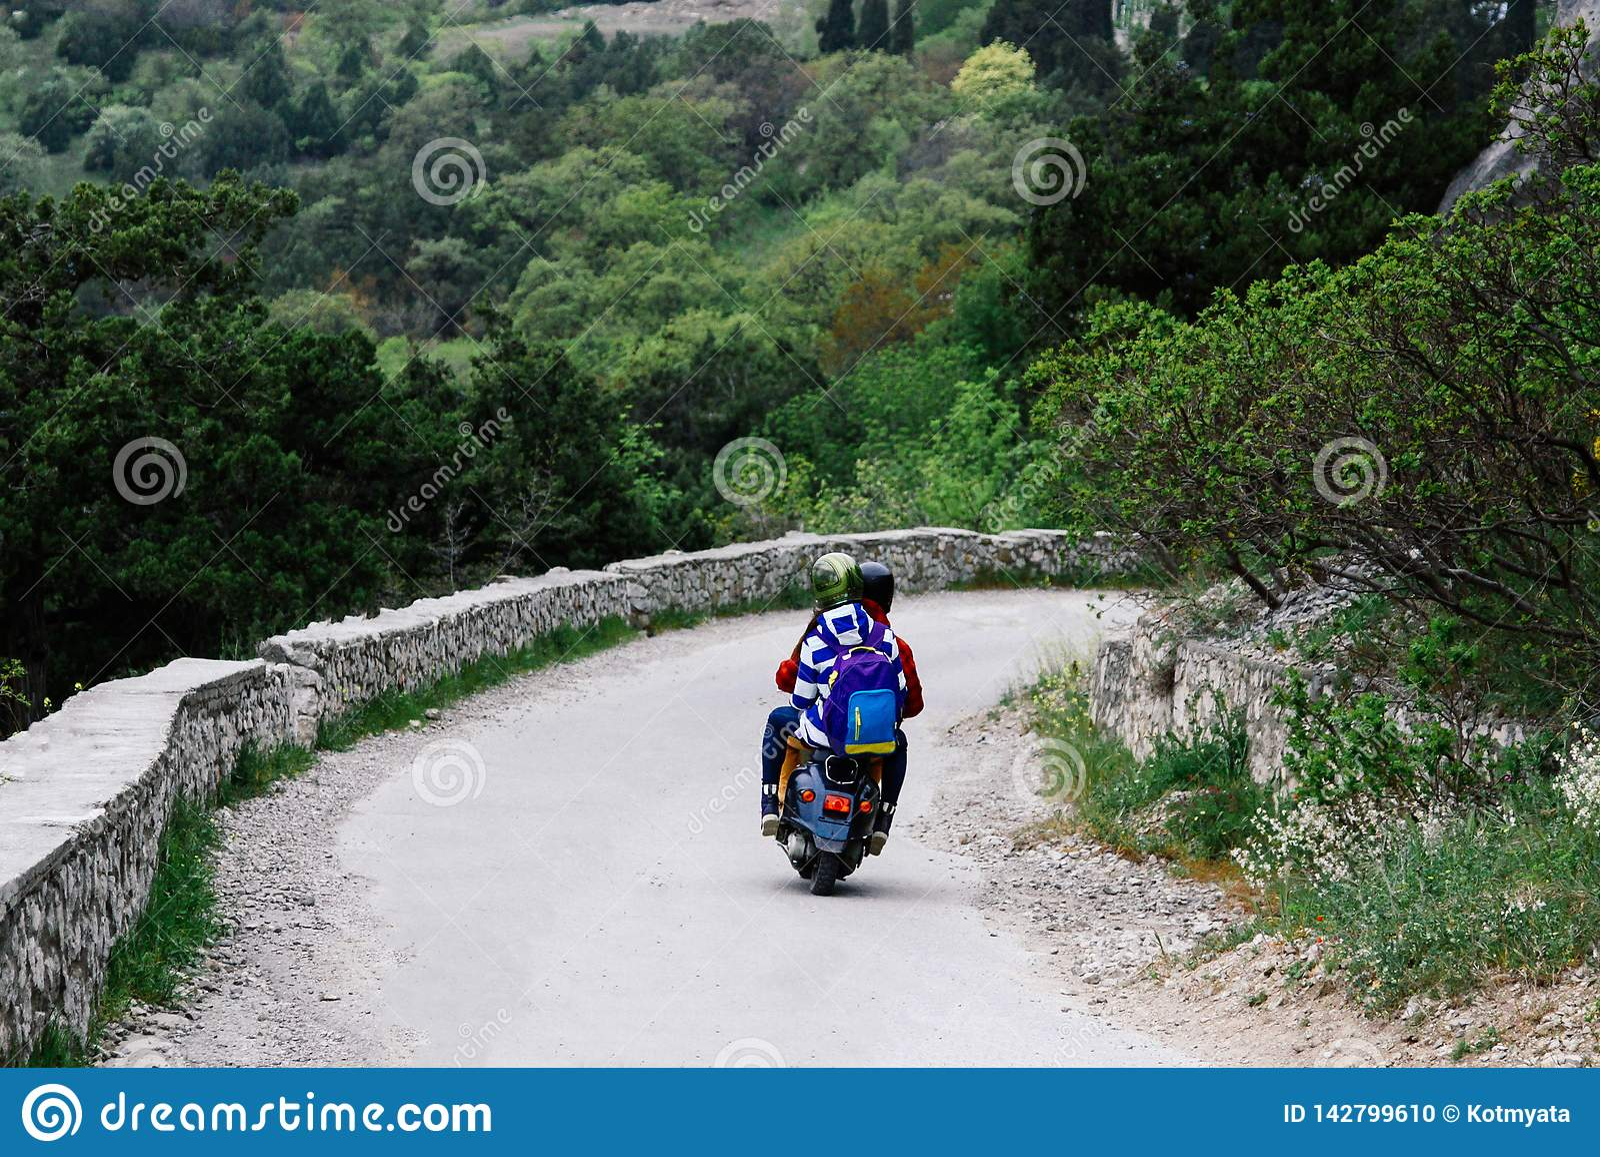 Twee mensen die een bergweg berijden op een uitstekende autoped Conceptueel voor reizigers en minnaars van uitstekende autopedden